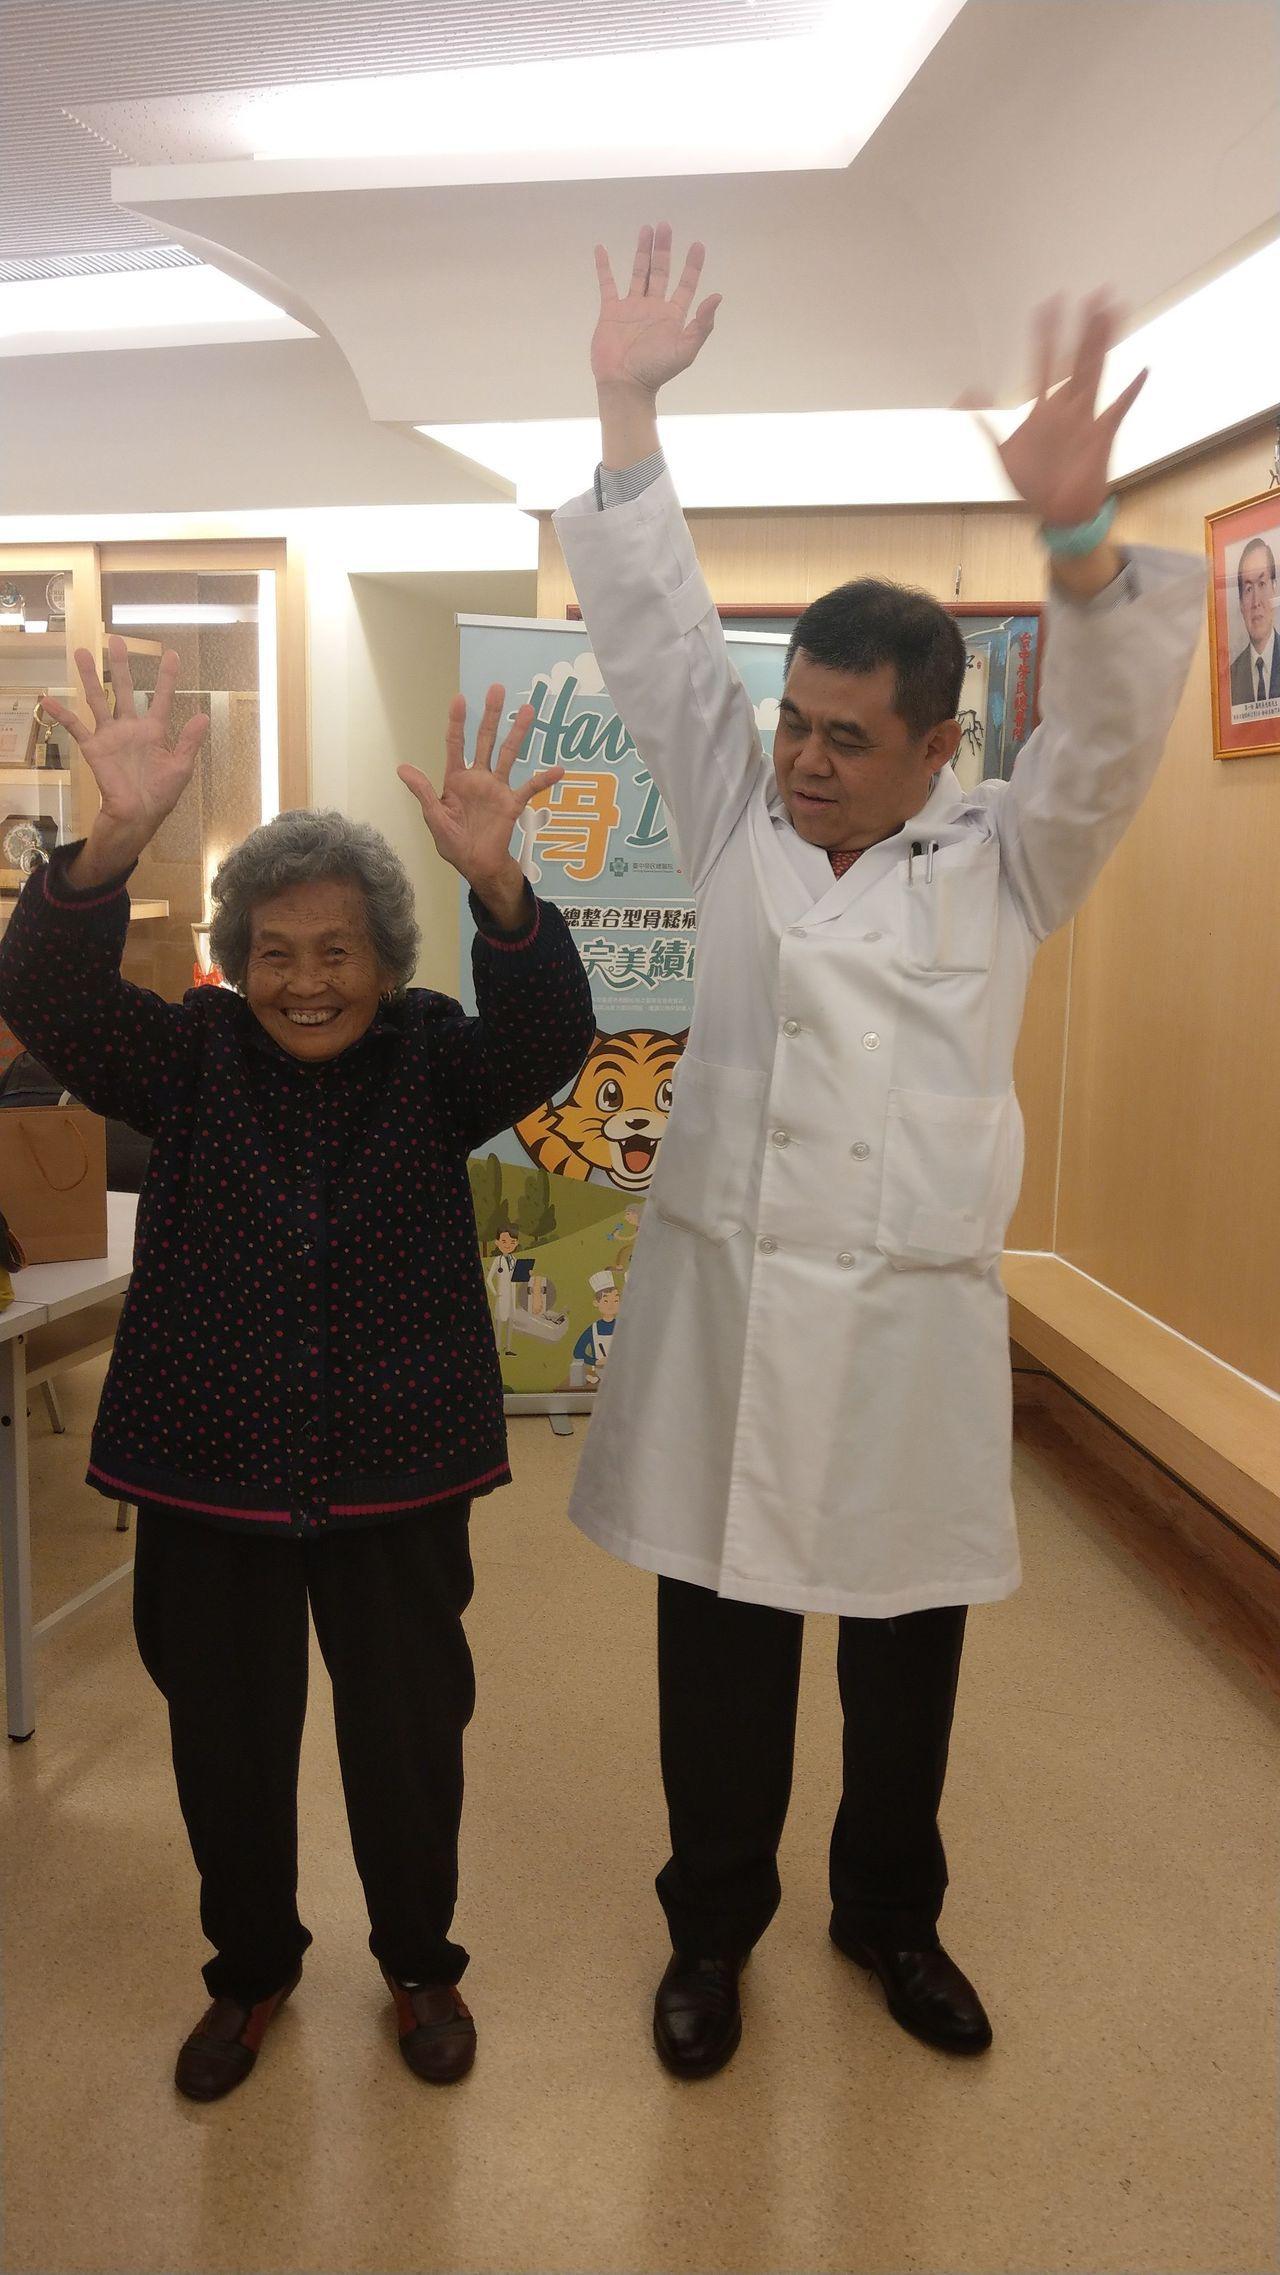 87歲張姓阿嬤(左)和醫師李旭東(右)一起手舉高,示範老人平時保健之道,包括勤走...